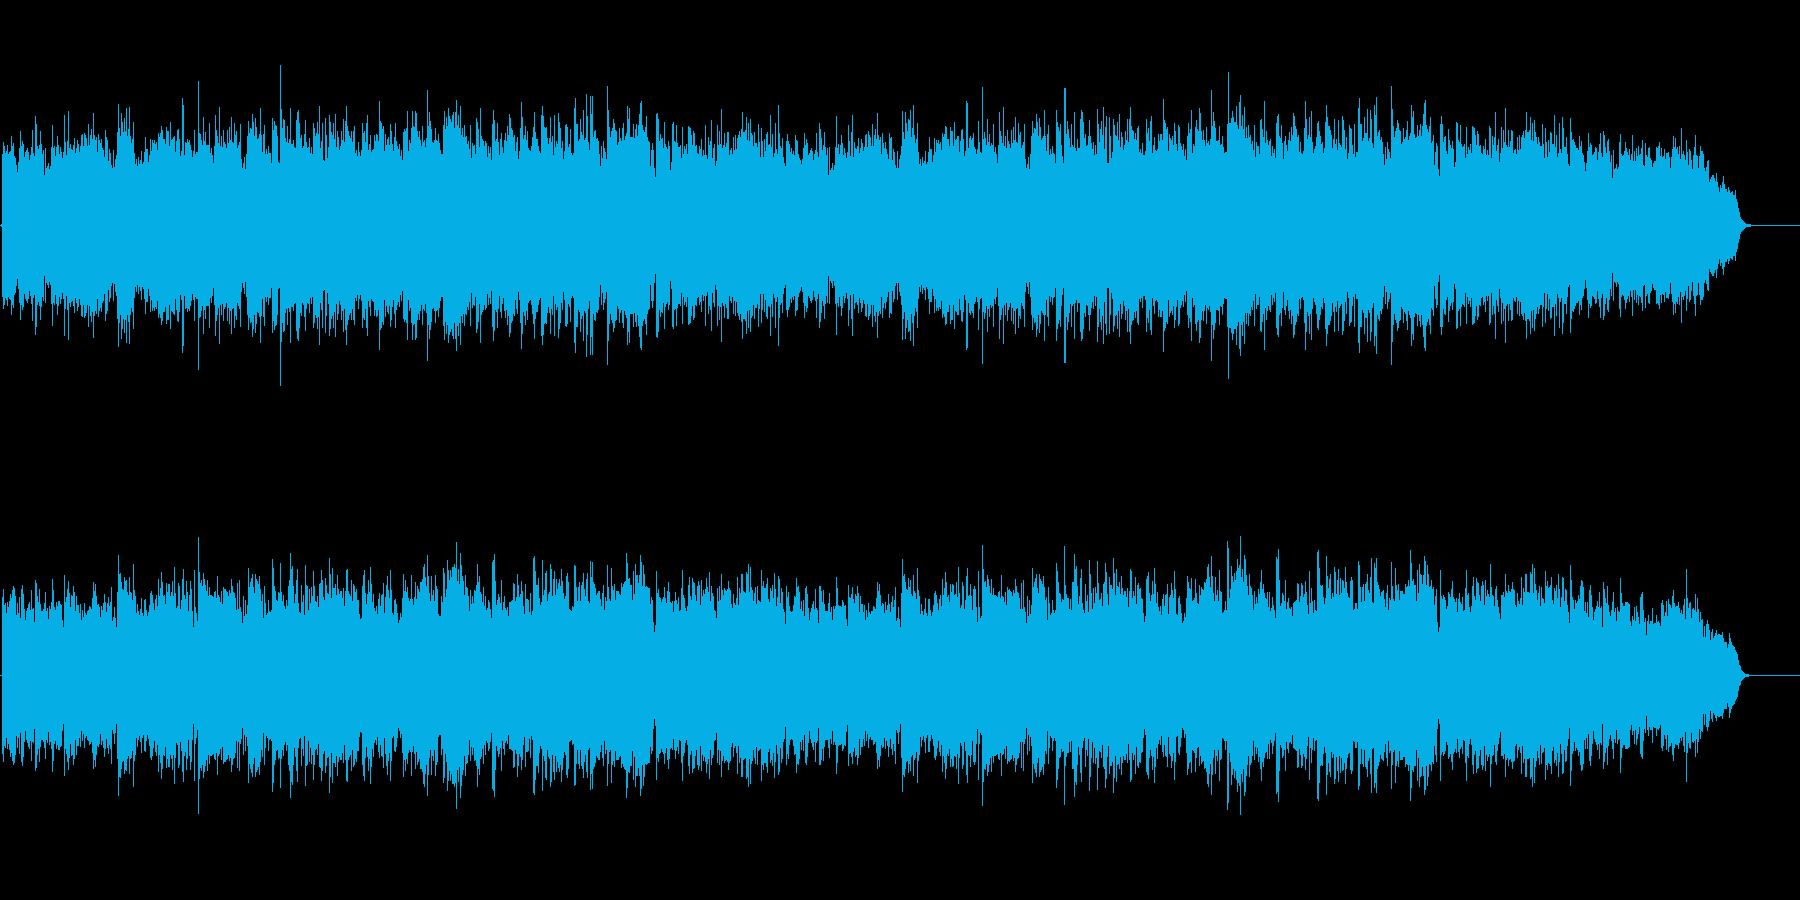 尺八と琴による日本の自然をイメージした曲の再生済みの波形